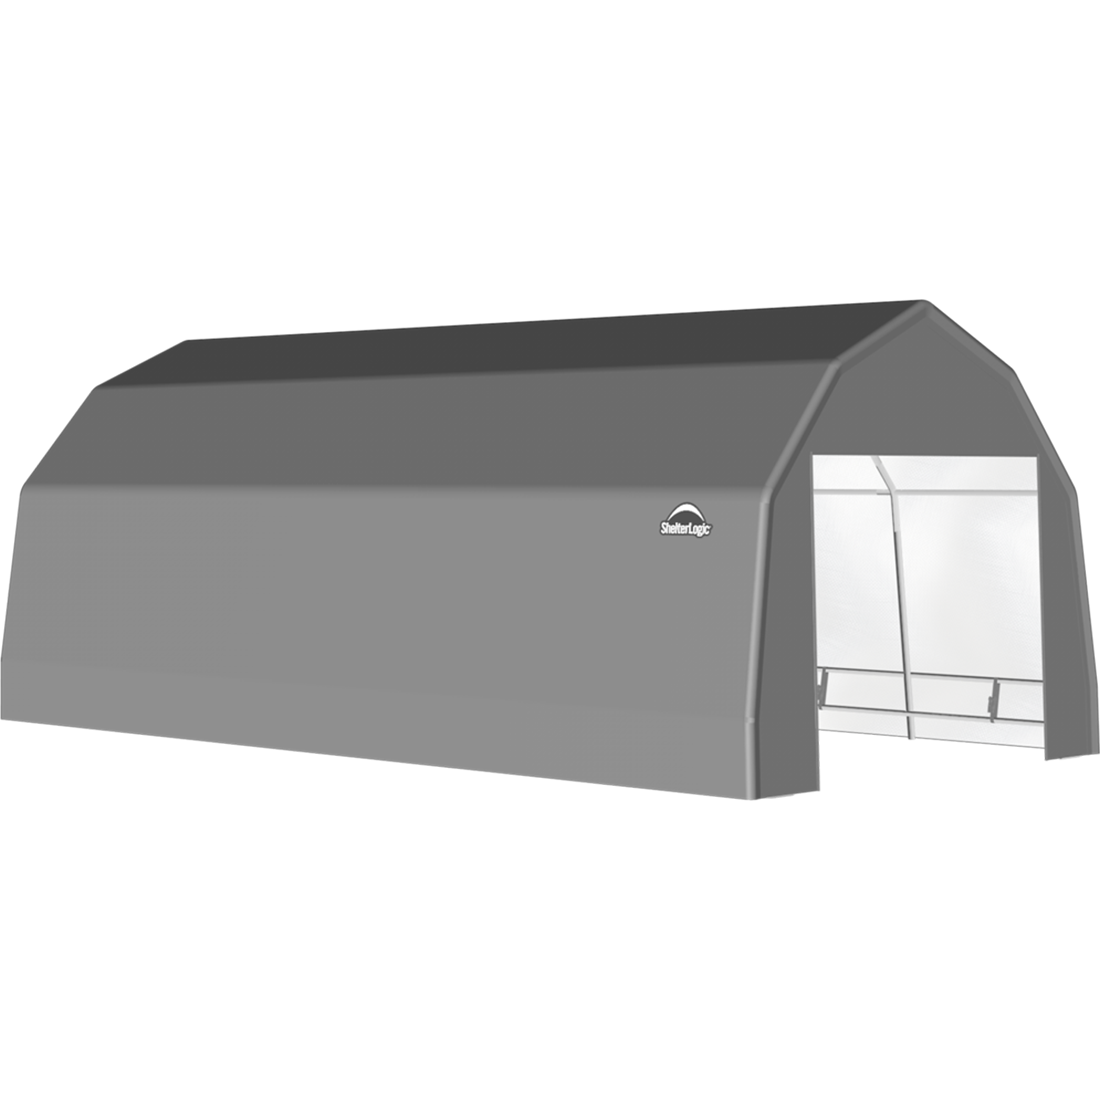 SP Barn 12X20X9 Gray 14 oz PE Shelter